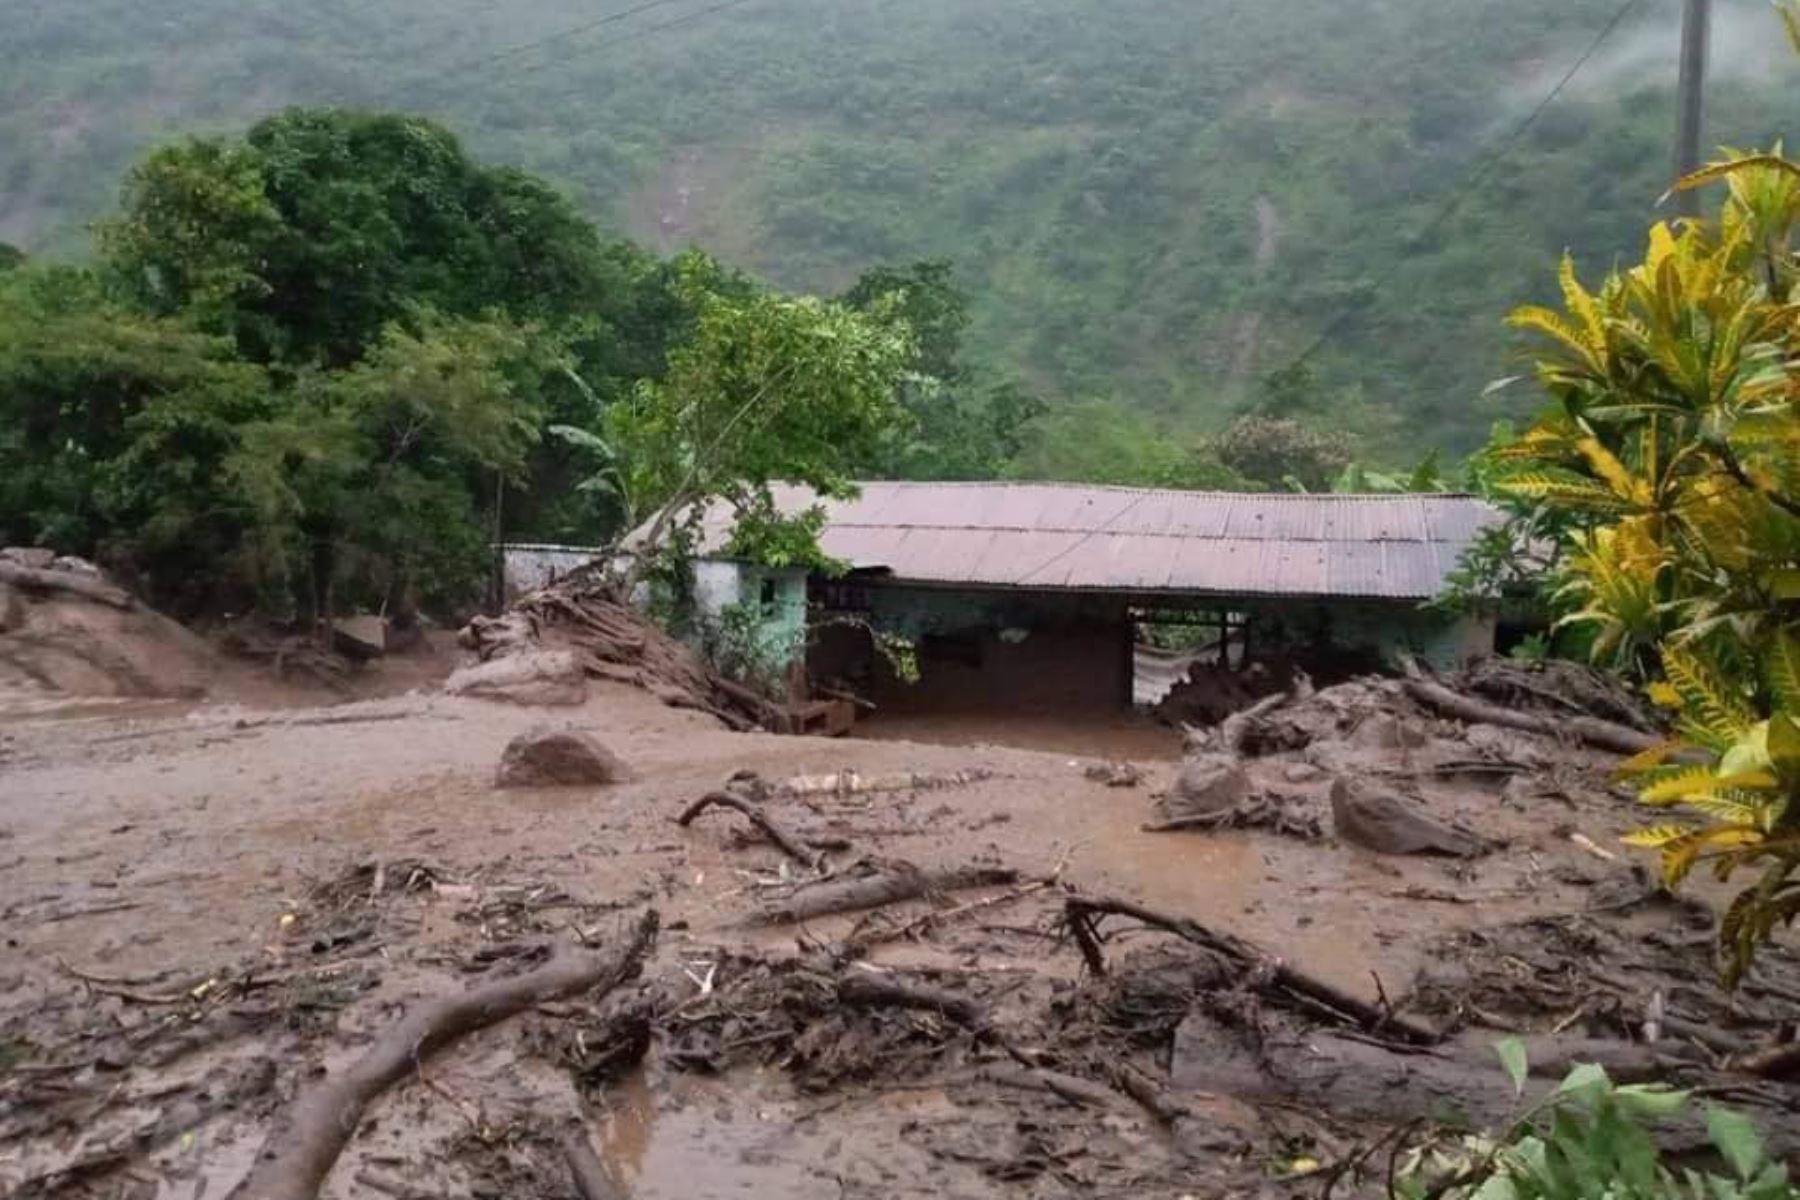 El Instituto Nacional de Defensa Civil (Indeci) informó que intensas lluvias provocaron deslizamientos, activación de quebrada, desborde de río y huaico en los distritos Ichocán, Chirinos, San Pablo, Cochabamba, Sitacocha y Chilete. ANDINA/Difusión